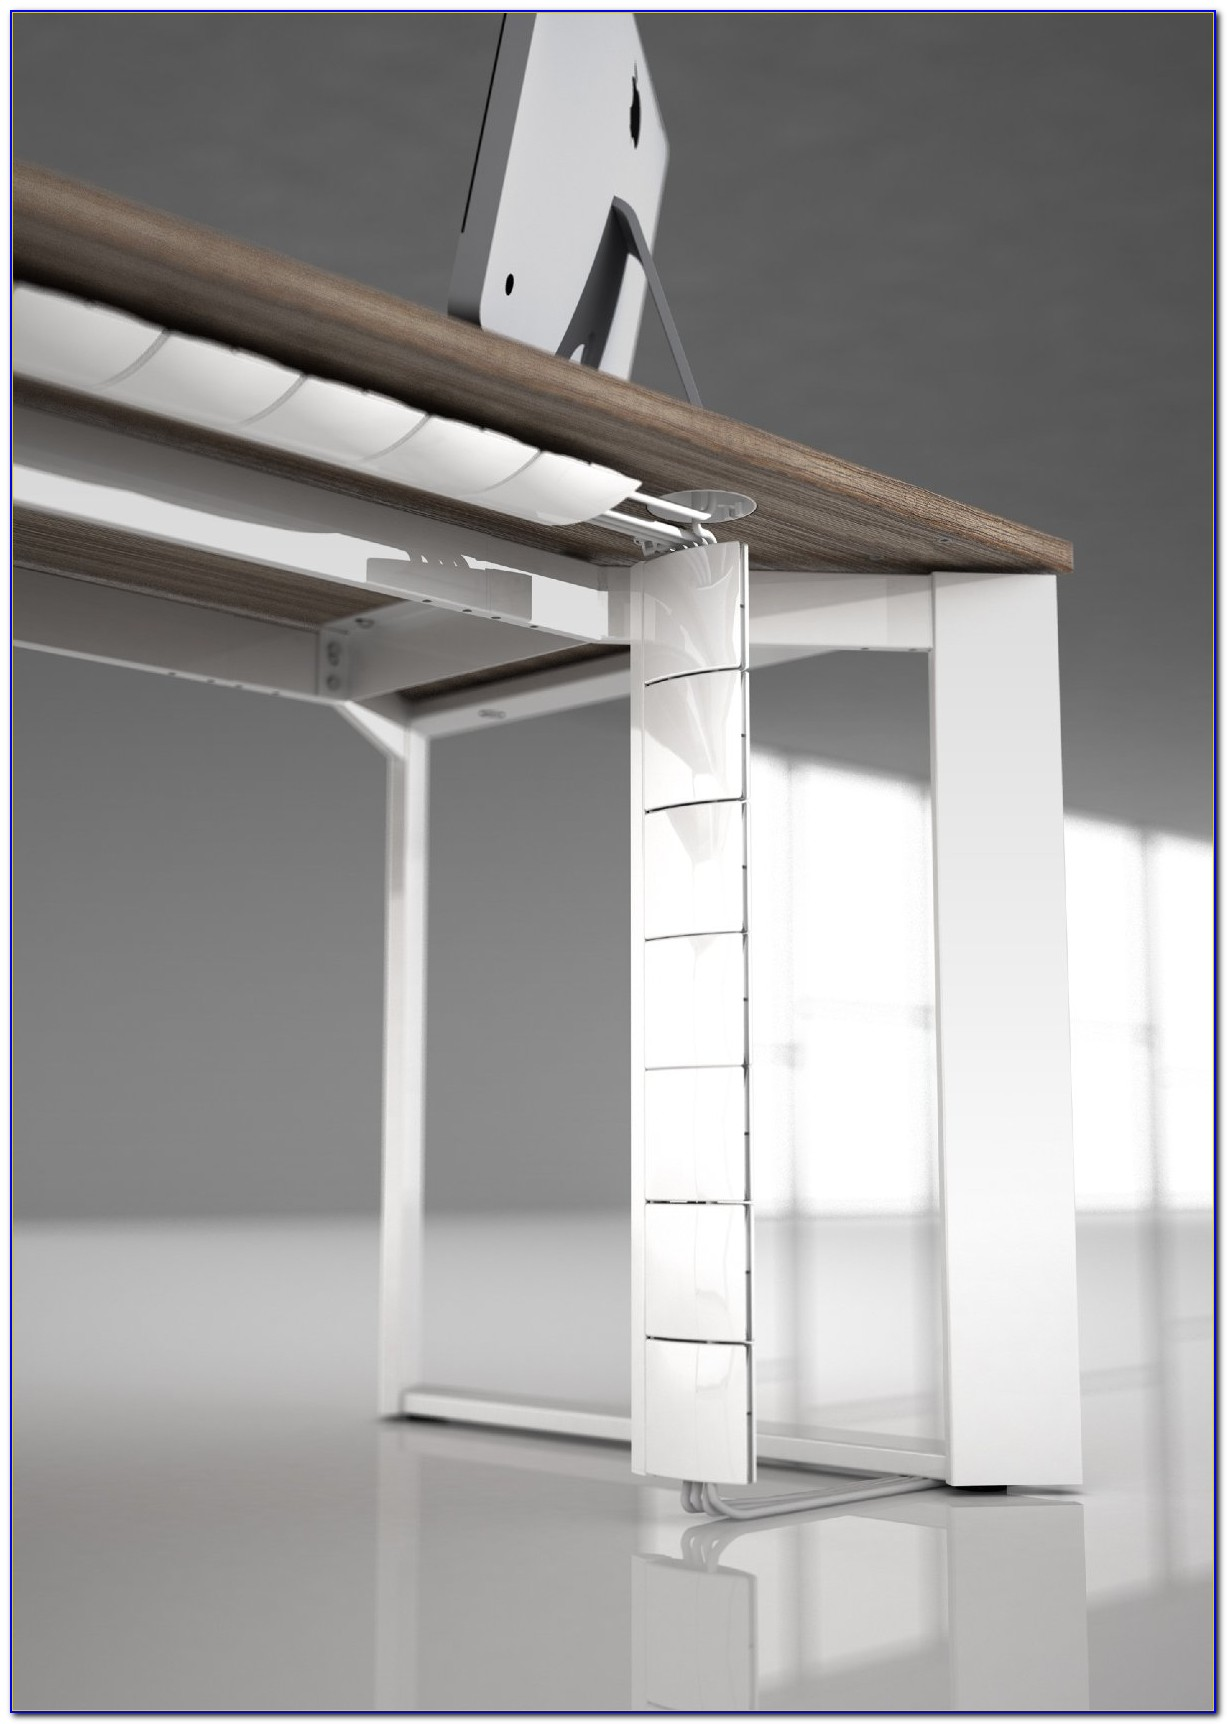 Kabelführung Schreibtisch Ikea